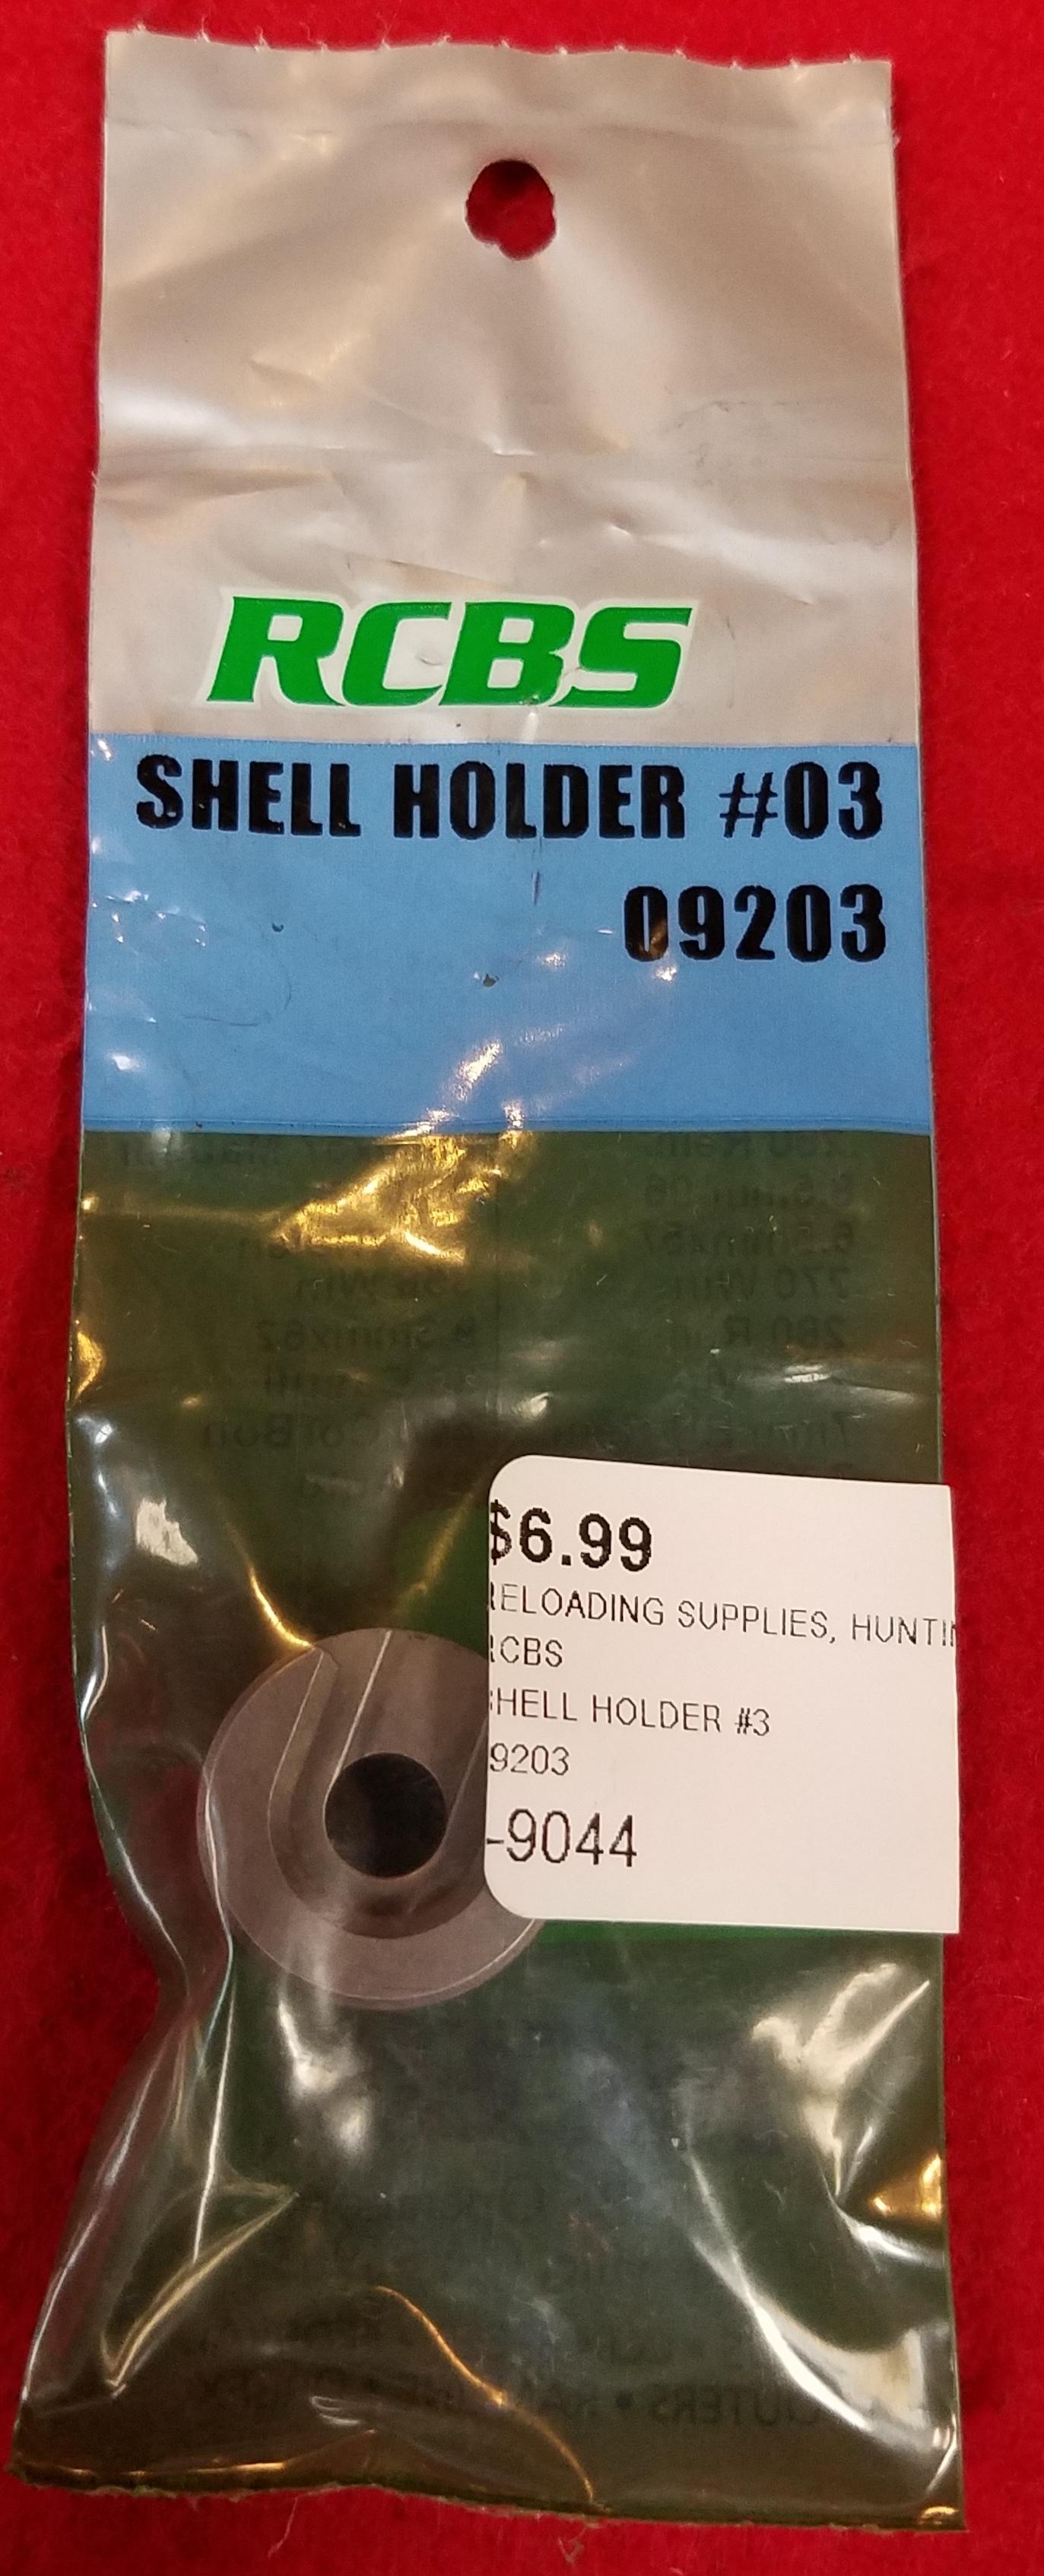 RCBS 09203 - SHELL HOLDER #3